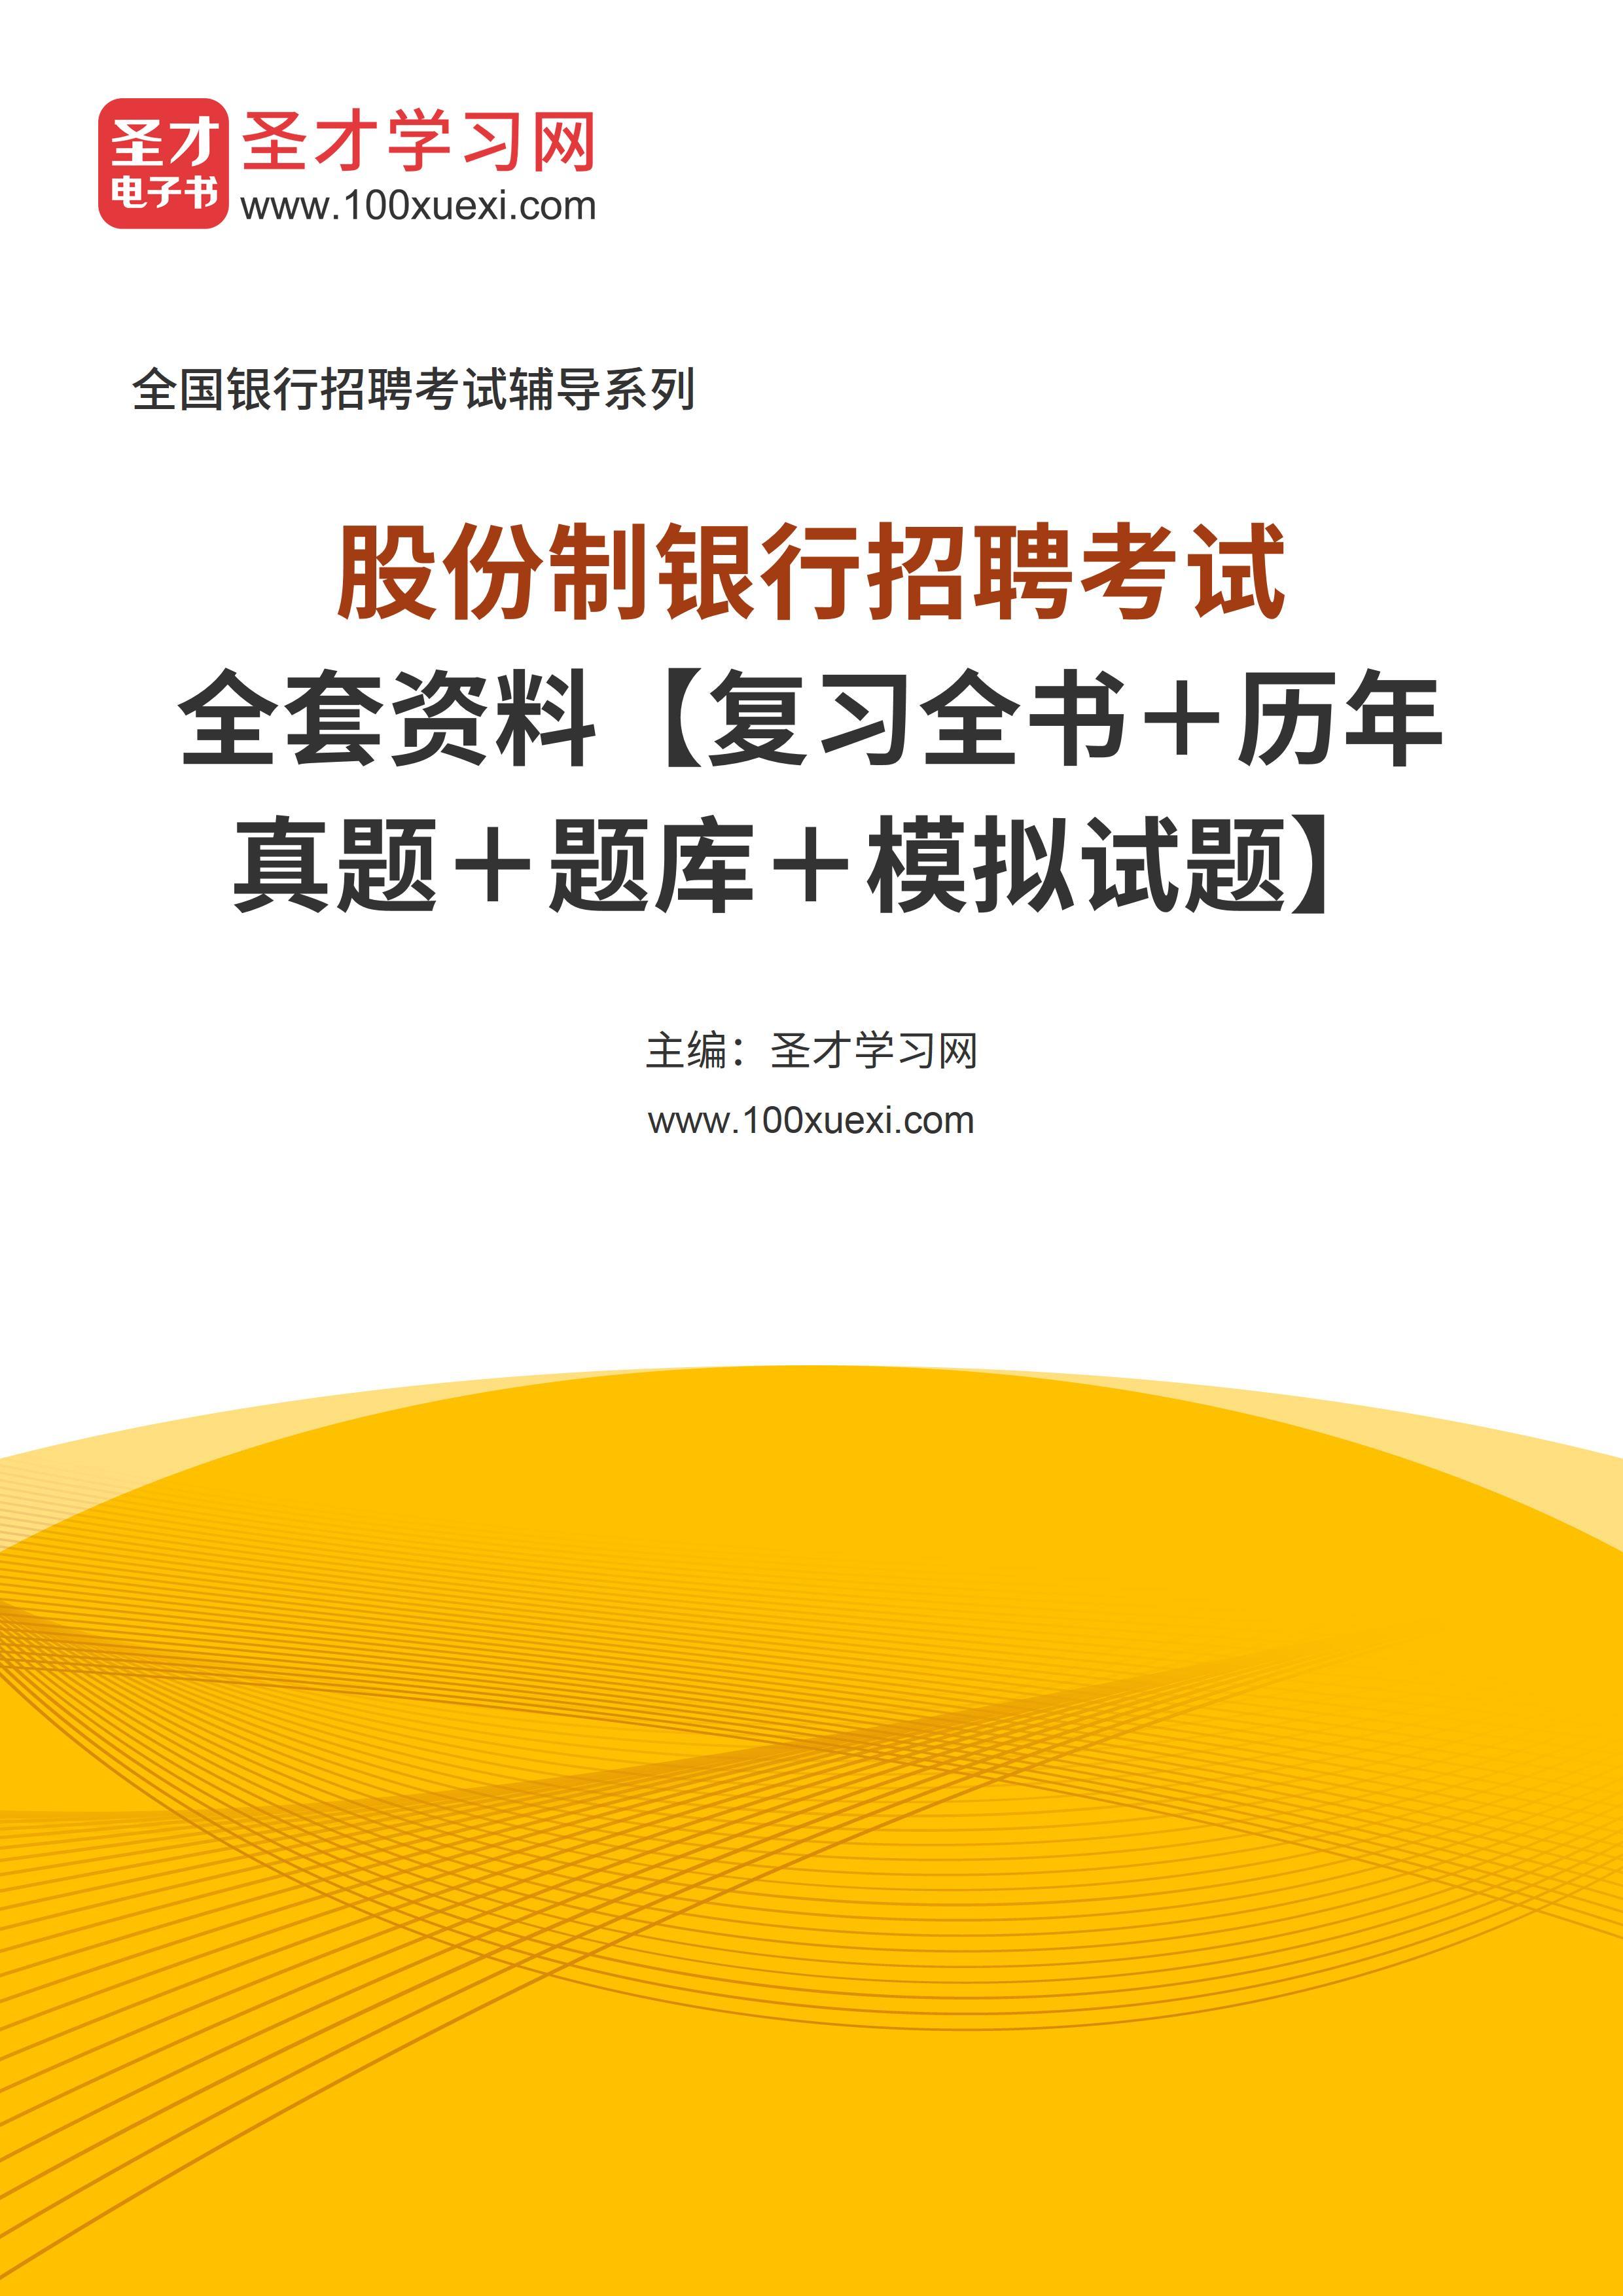 2021年股份制银行招聘考试全套资料【复习全书+历年真题+题库+模拟试题】